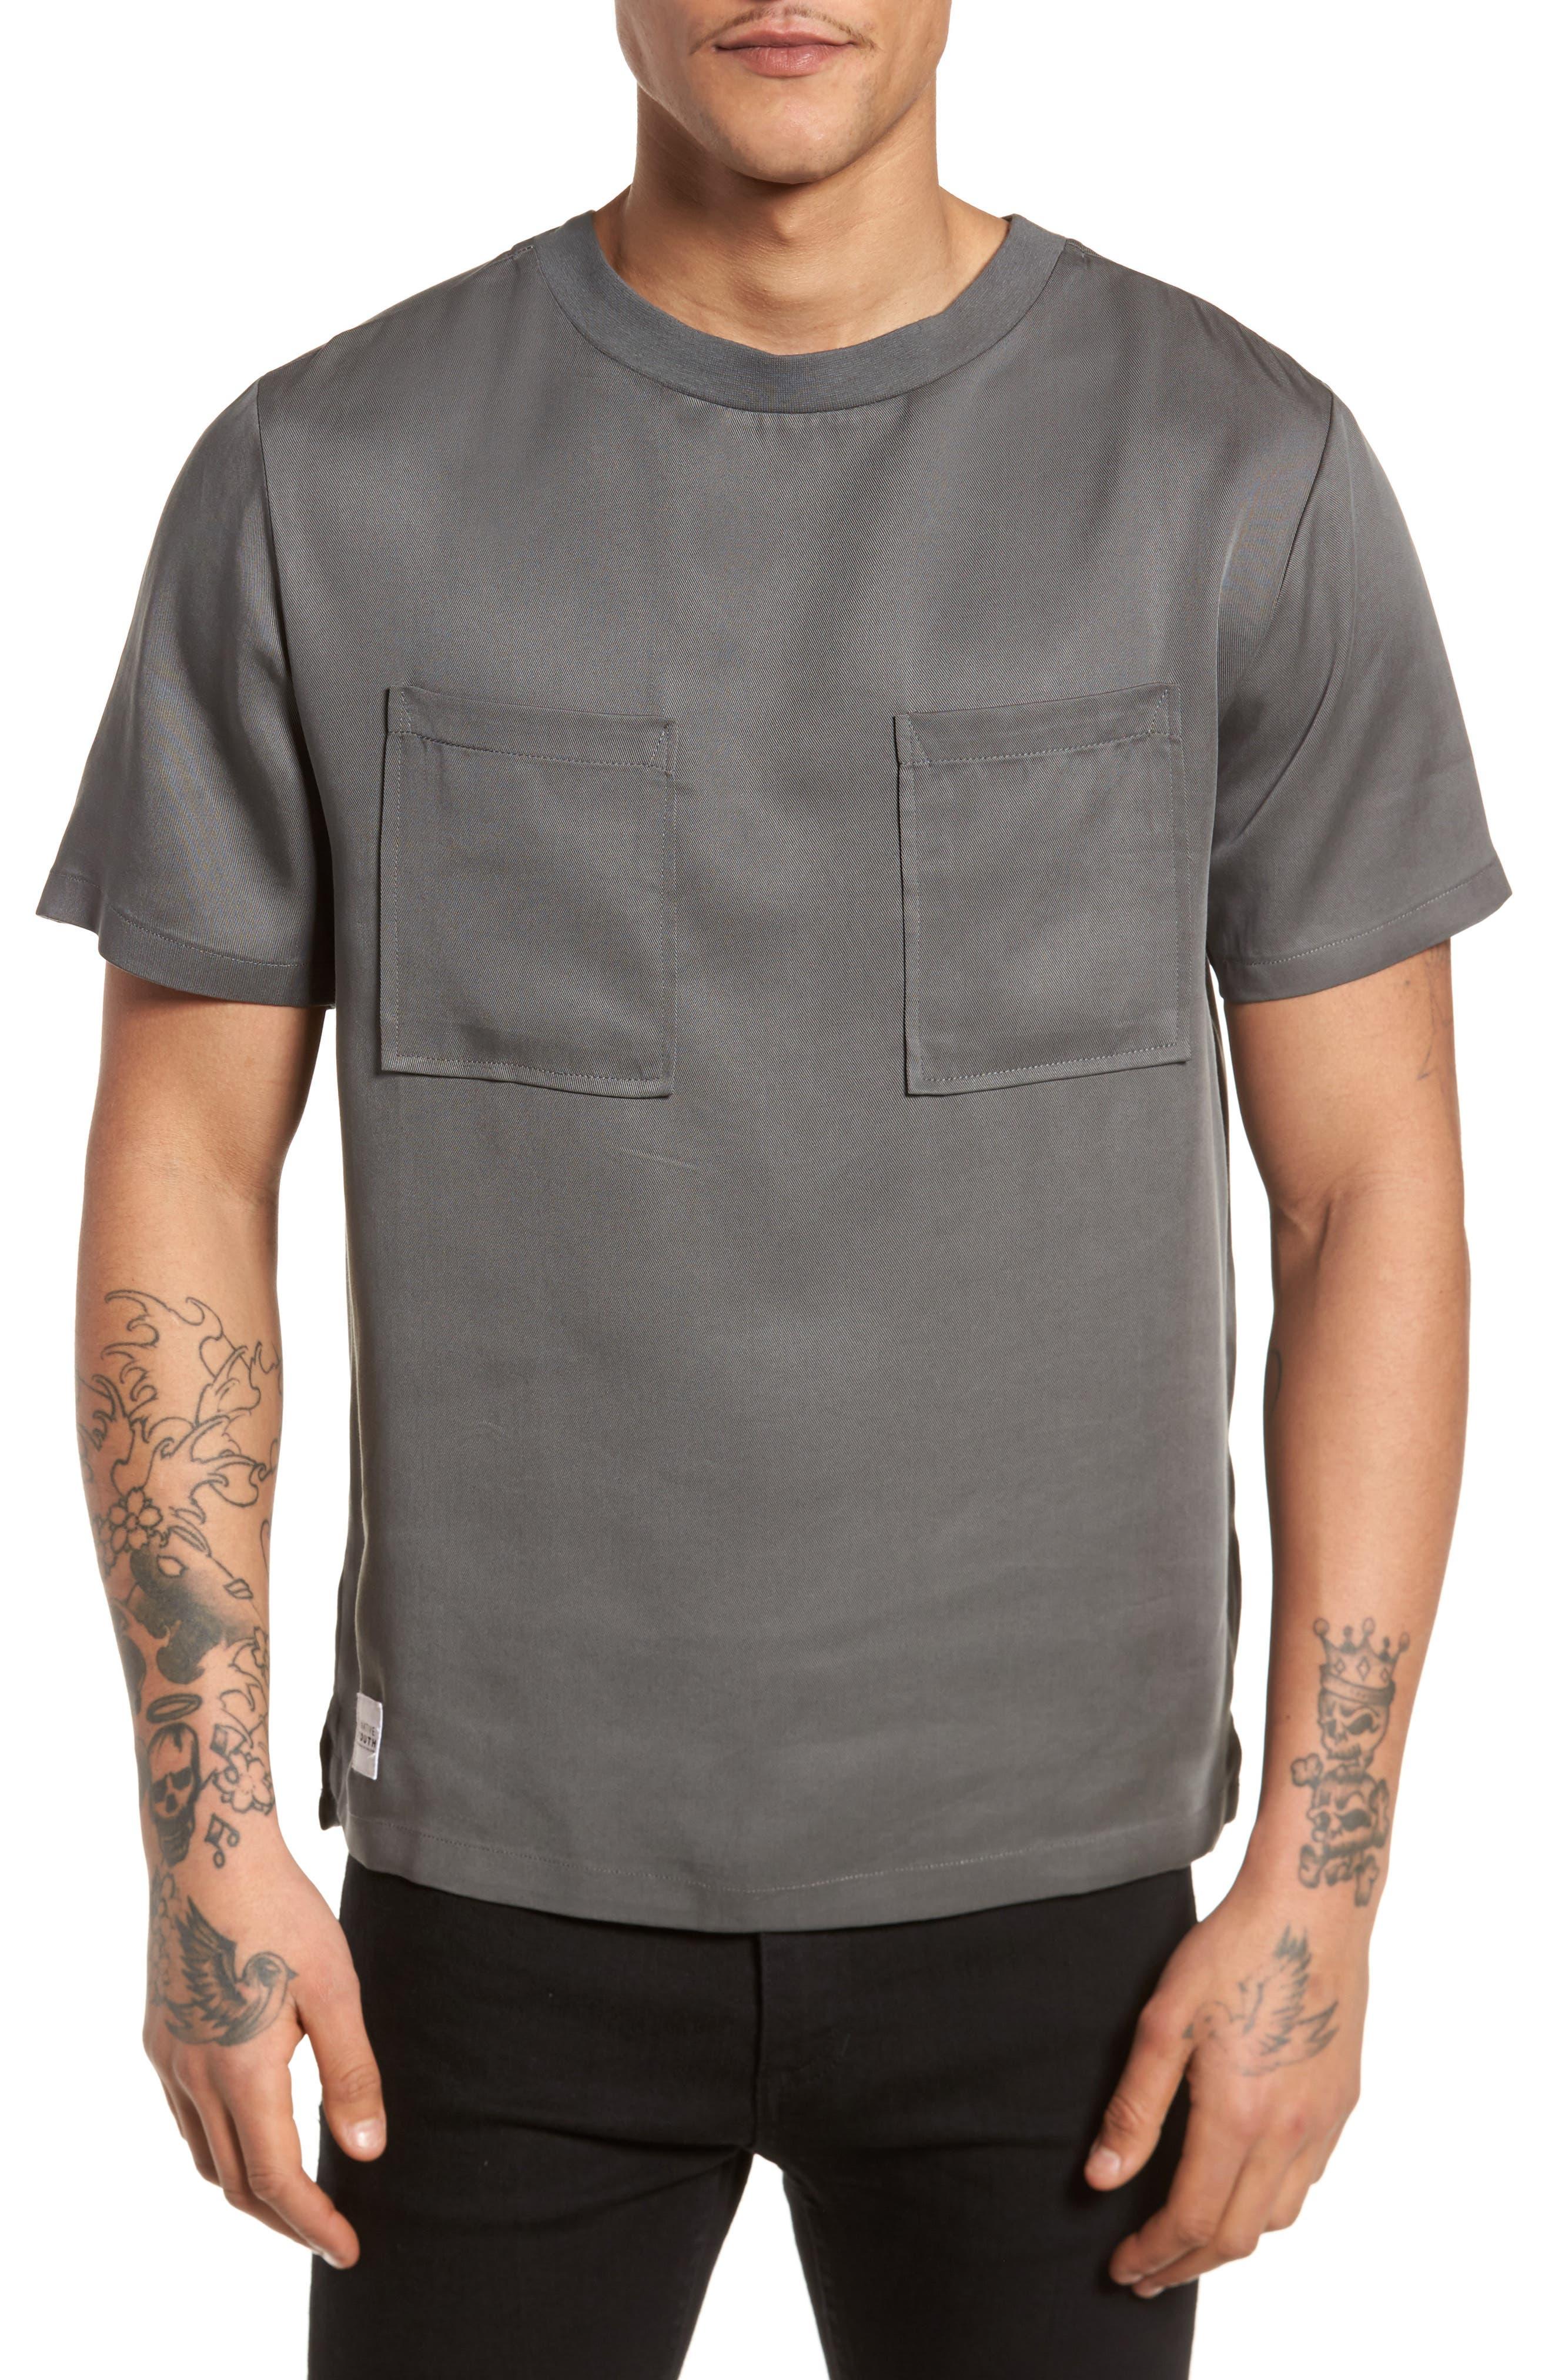 Denali Woven T-Shirt,                             Main thumbnail 1, color,                             Grey